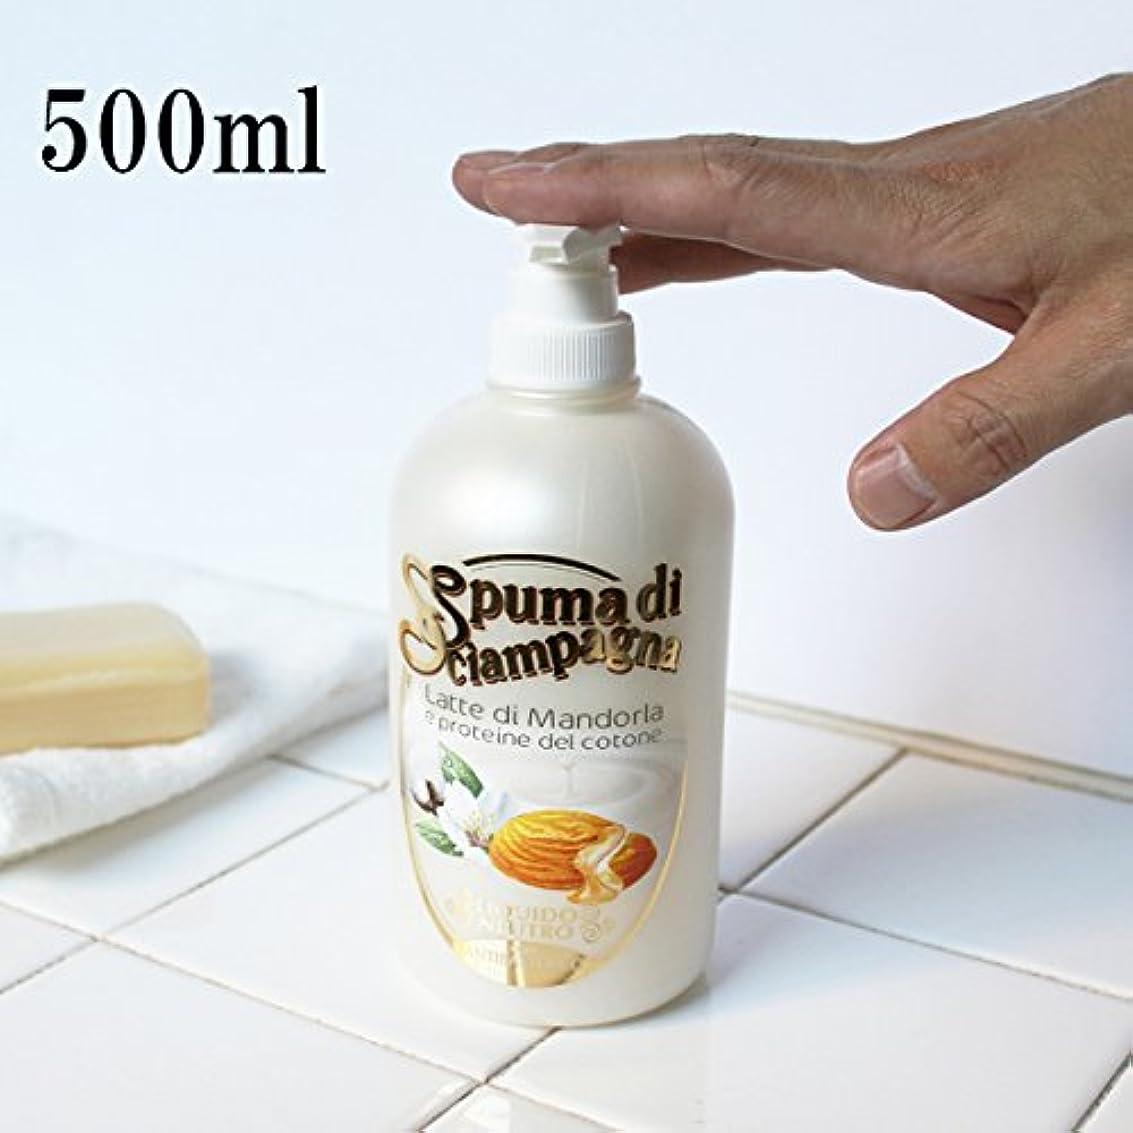 低下急いで独裁者Spuma di Sciampagna (スプーマ ディ シャンパーニャ) リキッドソープ 500ml アーモンドの香り